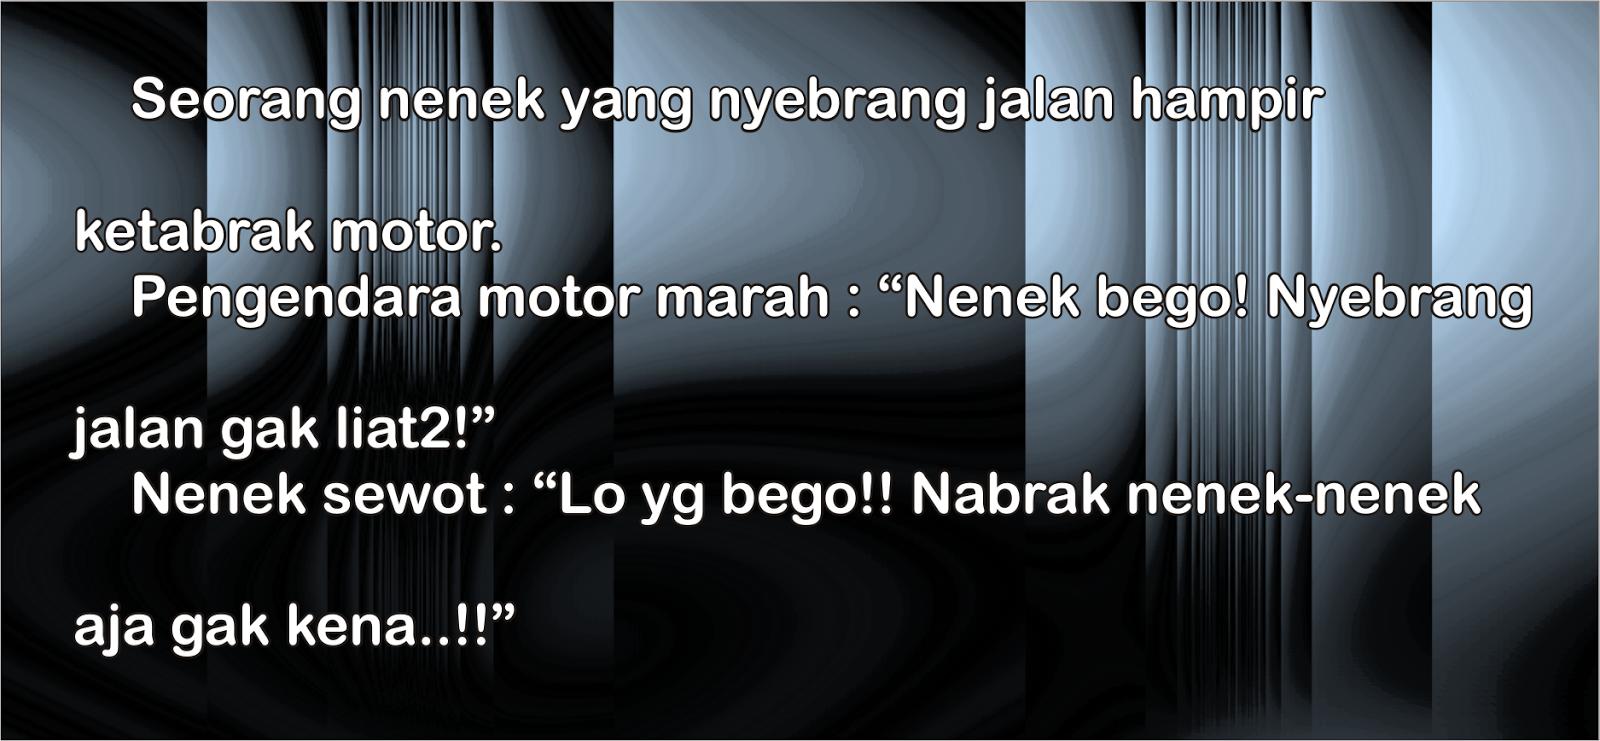 kata kata lucu untuk status facebook 2013 part 1 auto